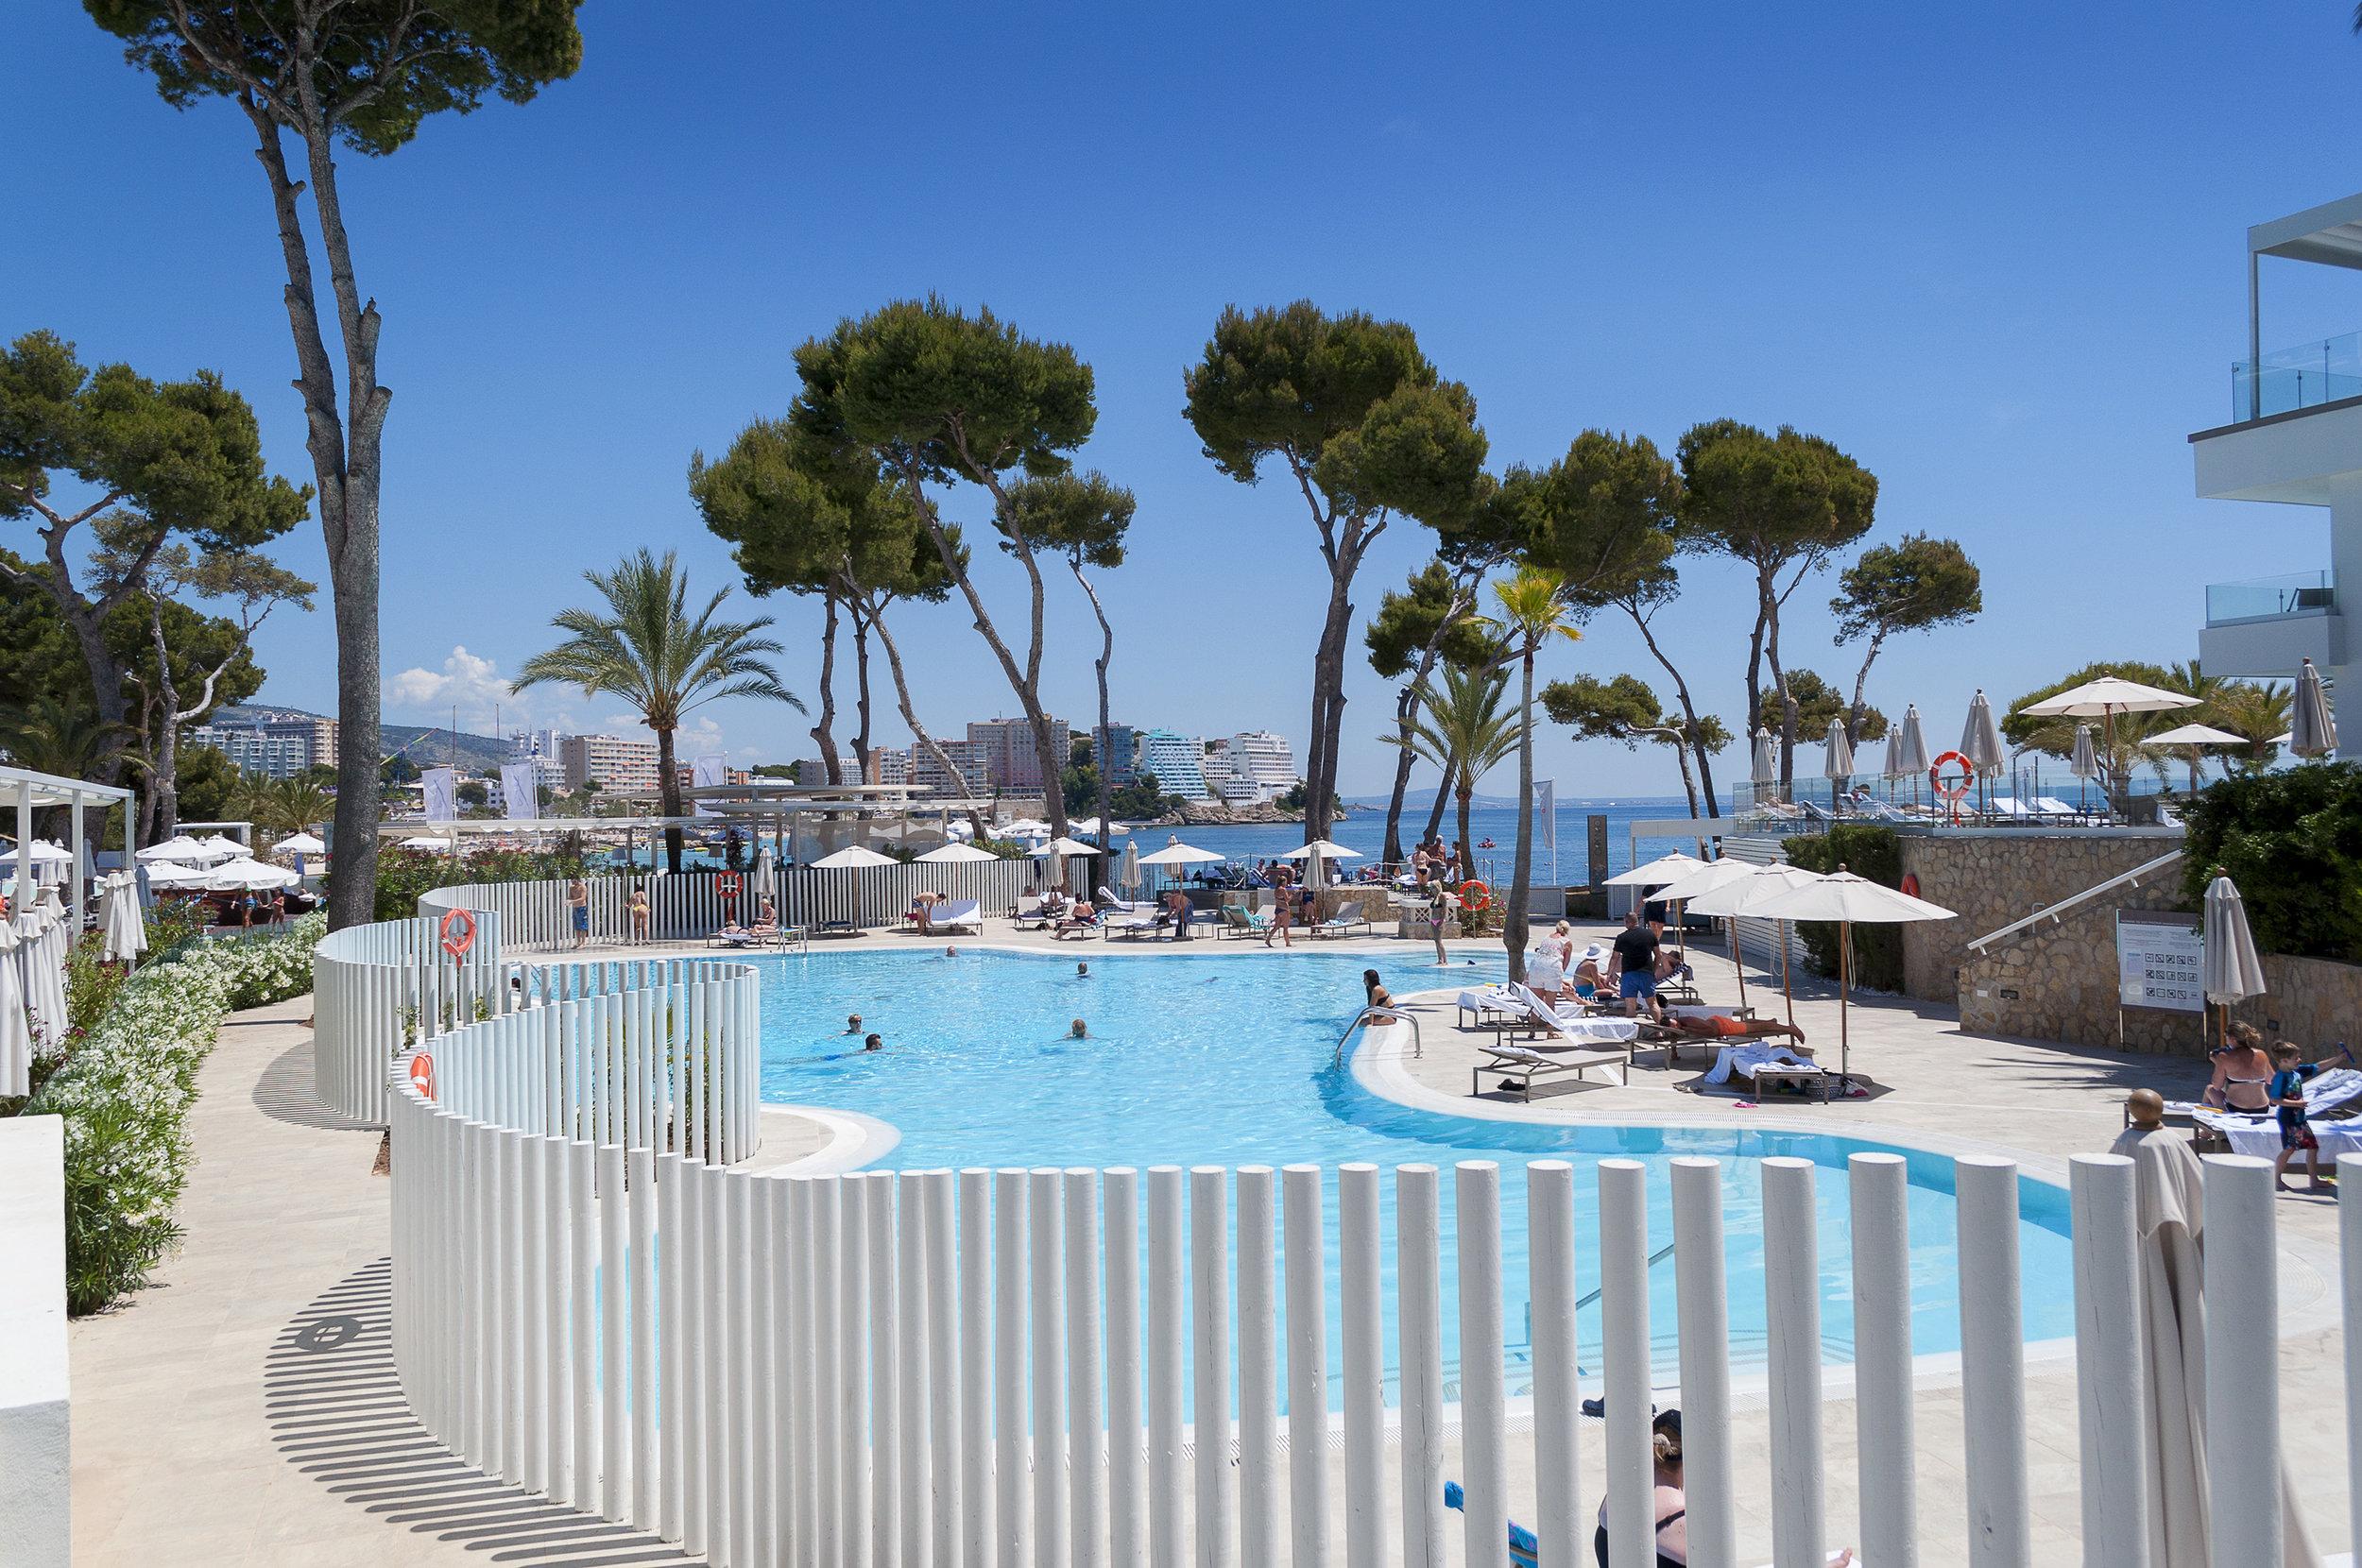 Melia Calvia Beach - Pool